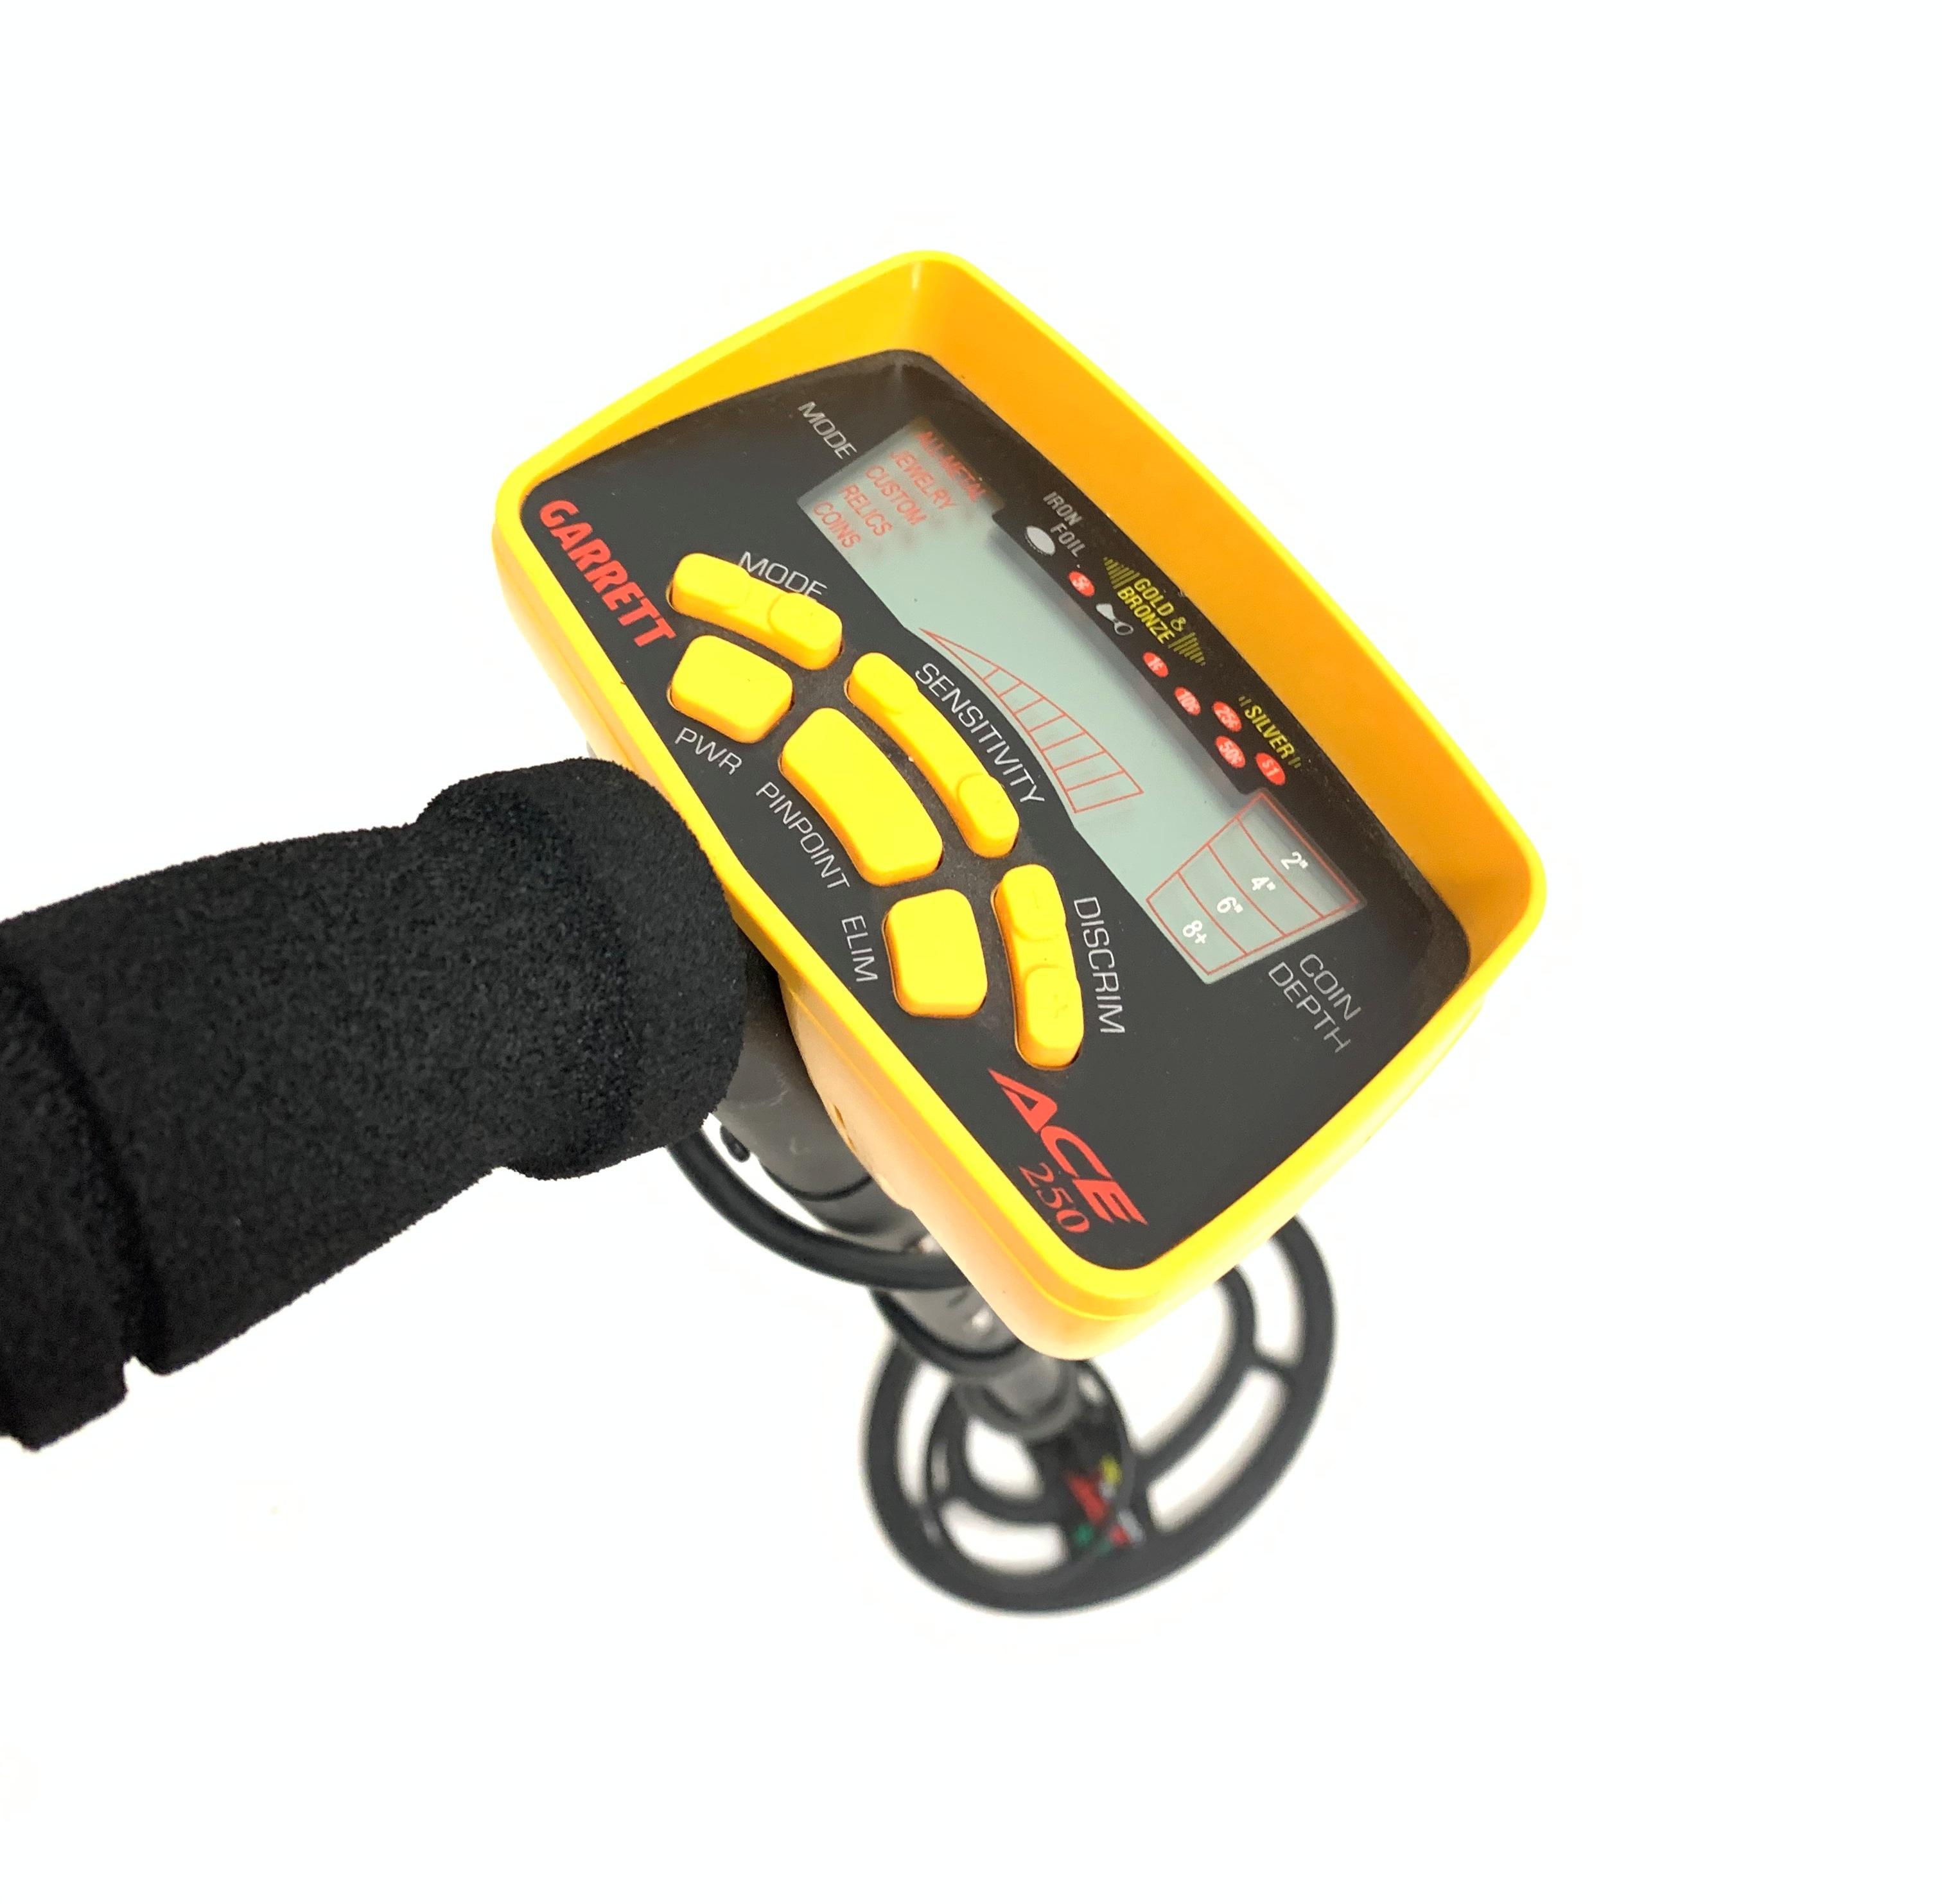 Garrett Ace 250 metal detector, H117cm - Image 3 of 3